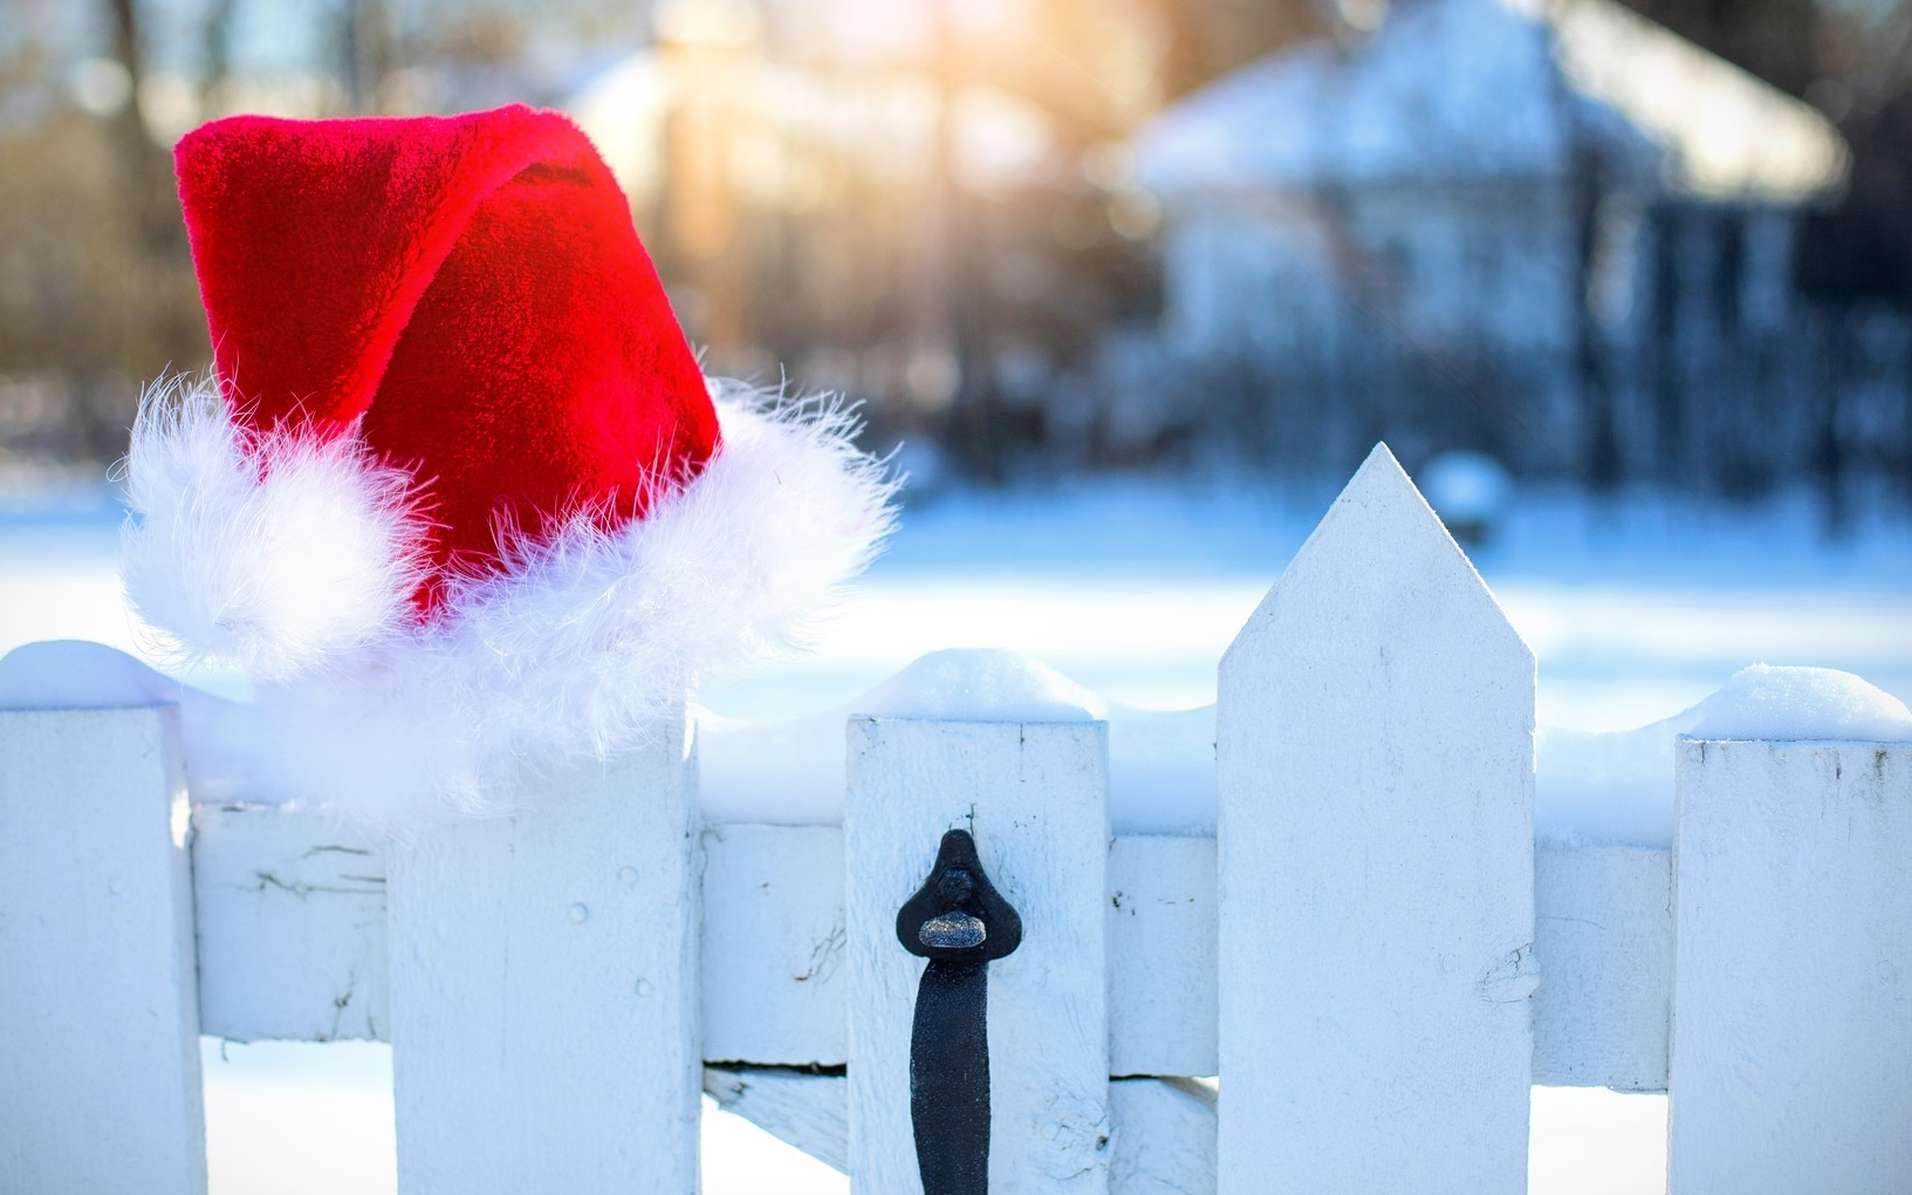 Plus de personnes décèdent d'une crise cardiaque en fin d'année. Ce ne serait pas la faute de la saison hivernale. © Jill111, Pixabay